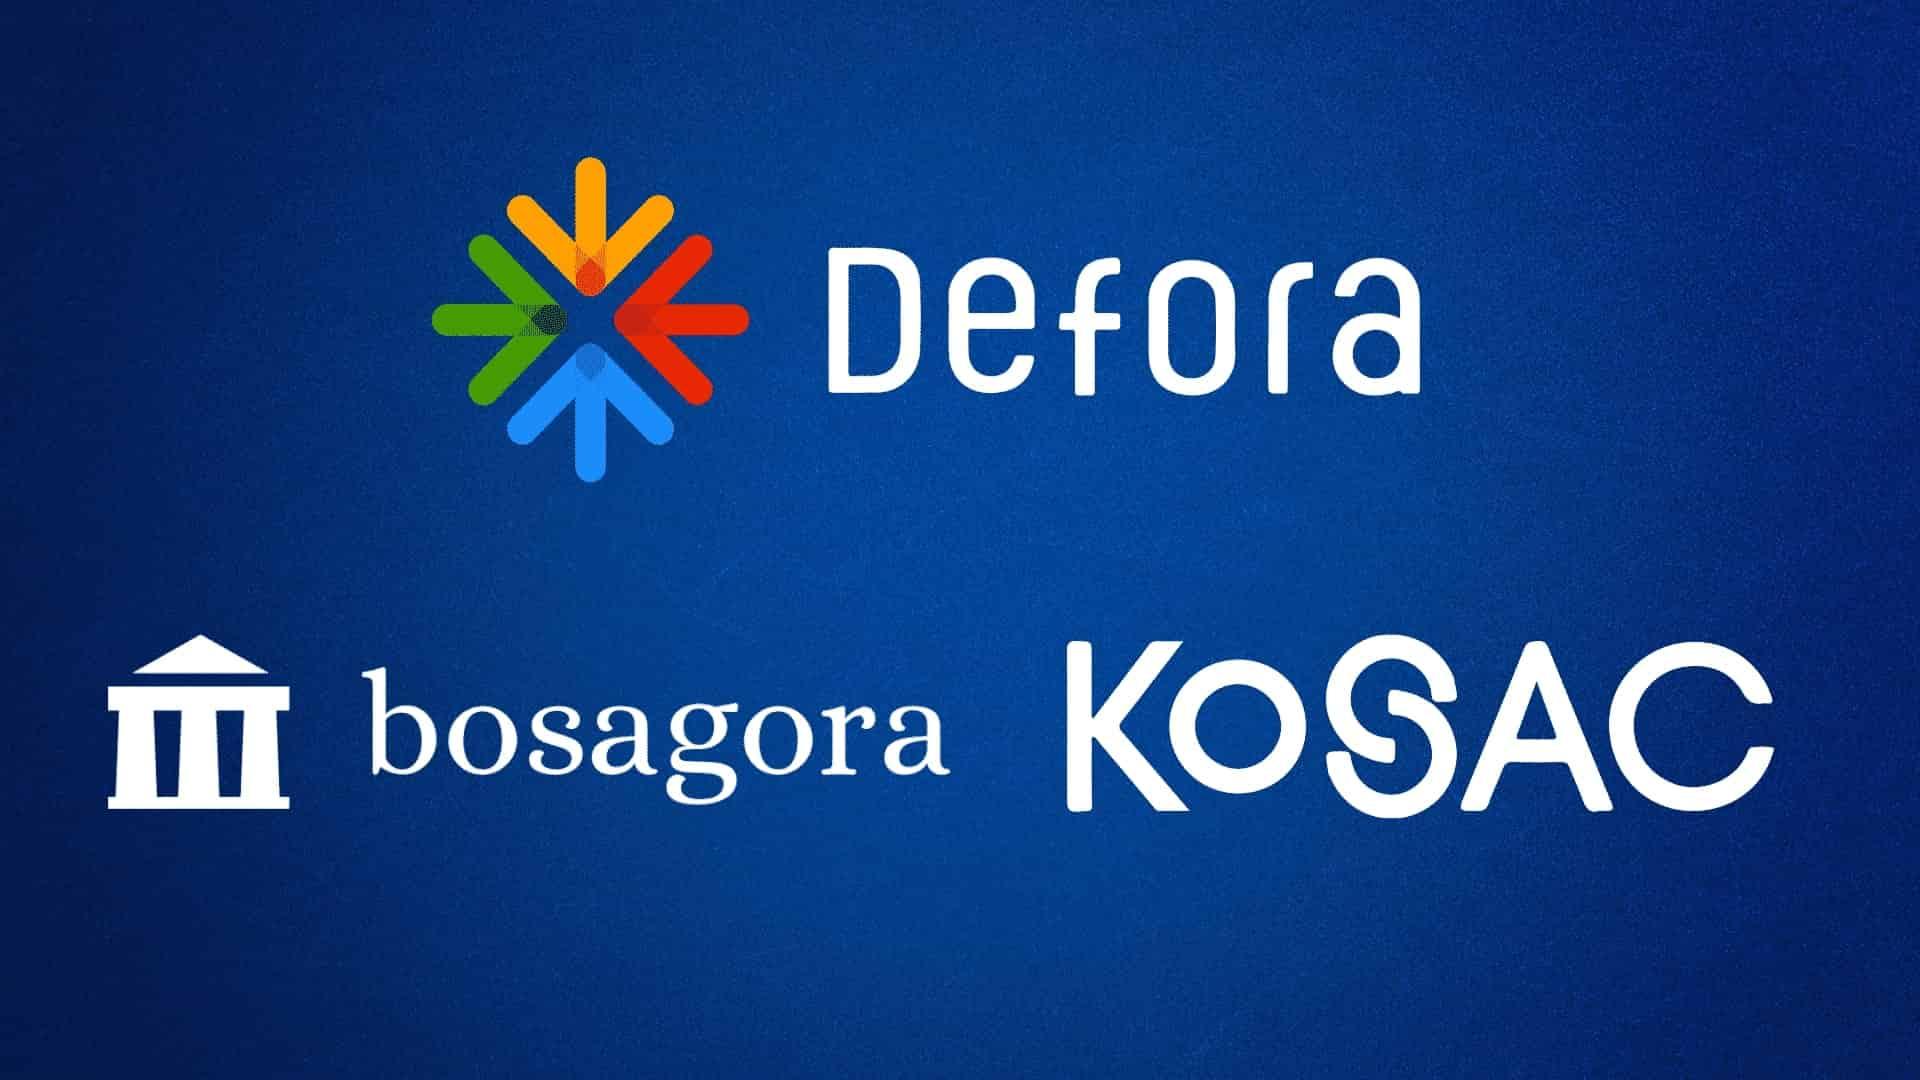 Bosagora With Kosac Displayed Defora to Increase